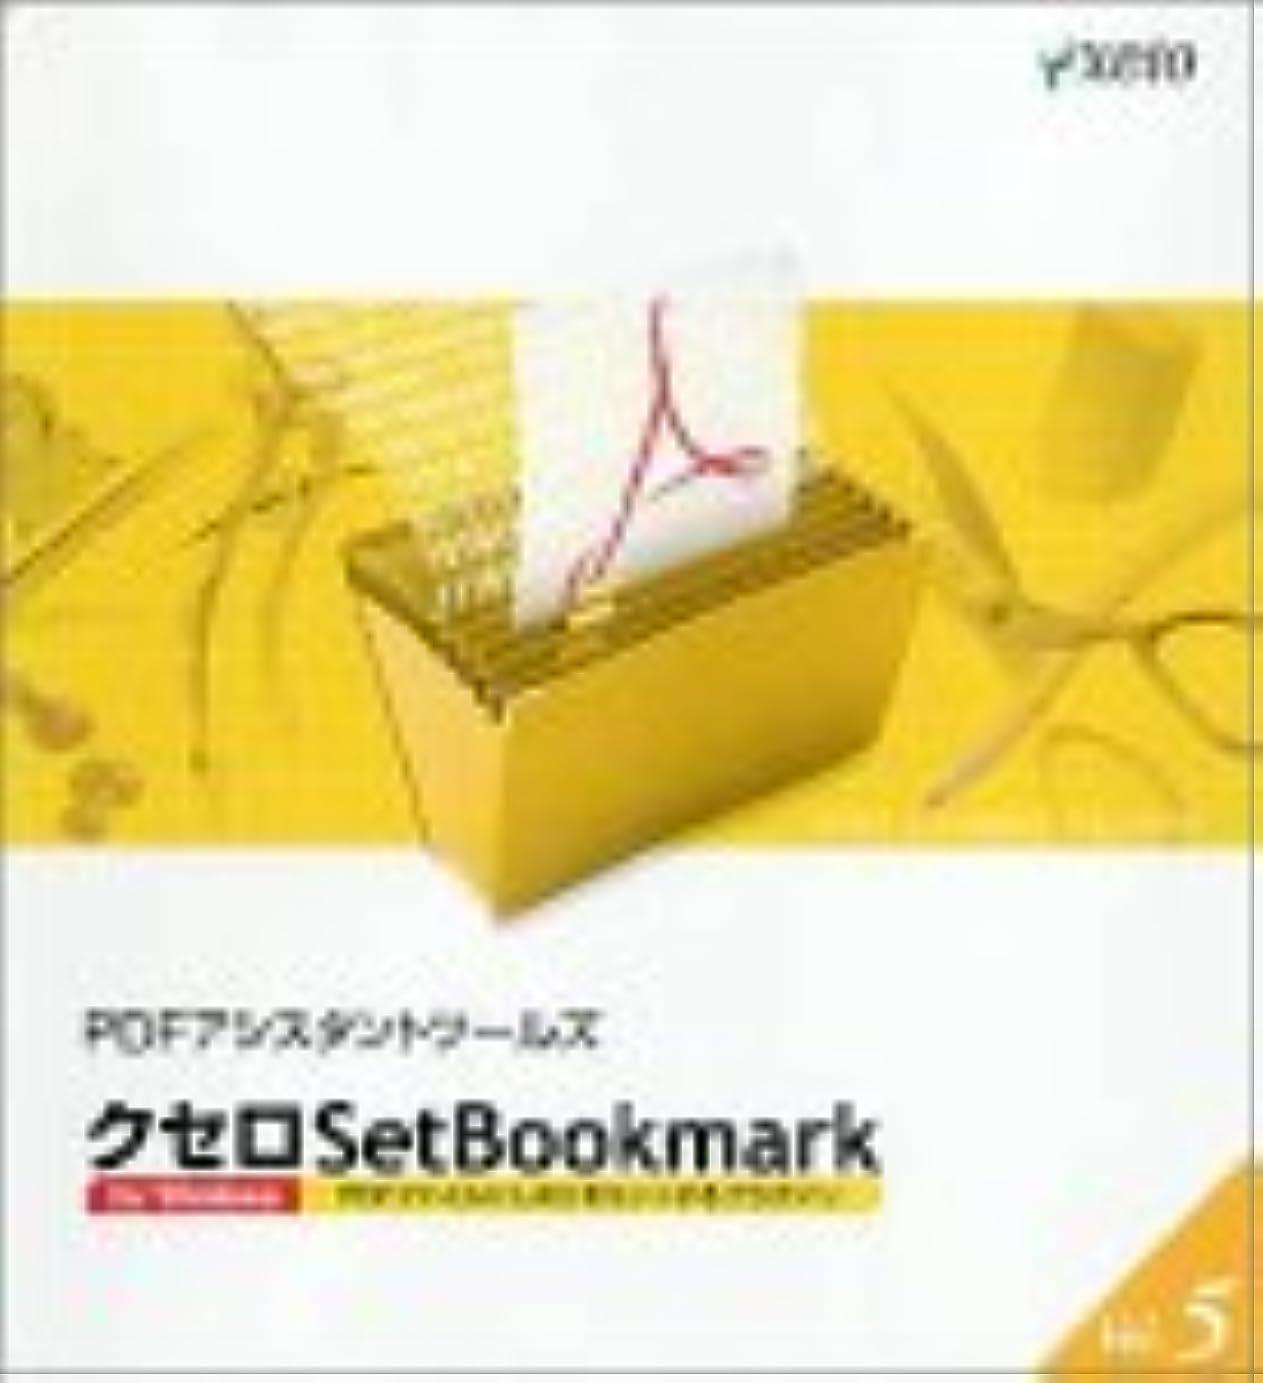 プランテーションビーチ分PDFアシスタントツールズ Vol.5 クセロSetBookmark